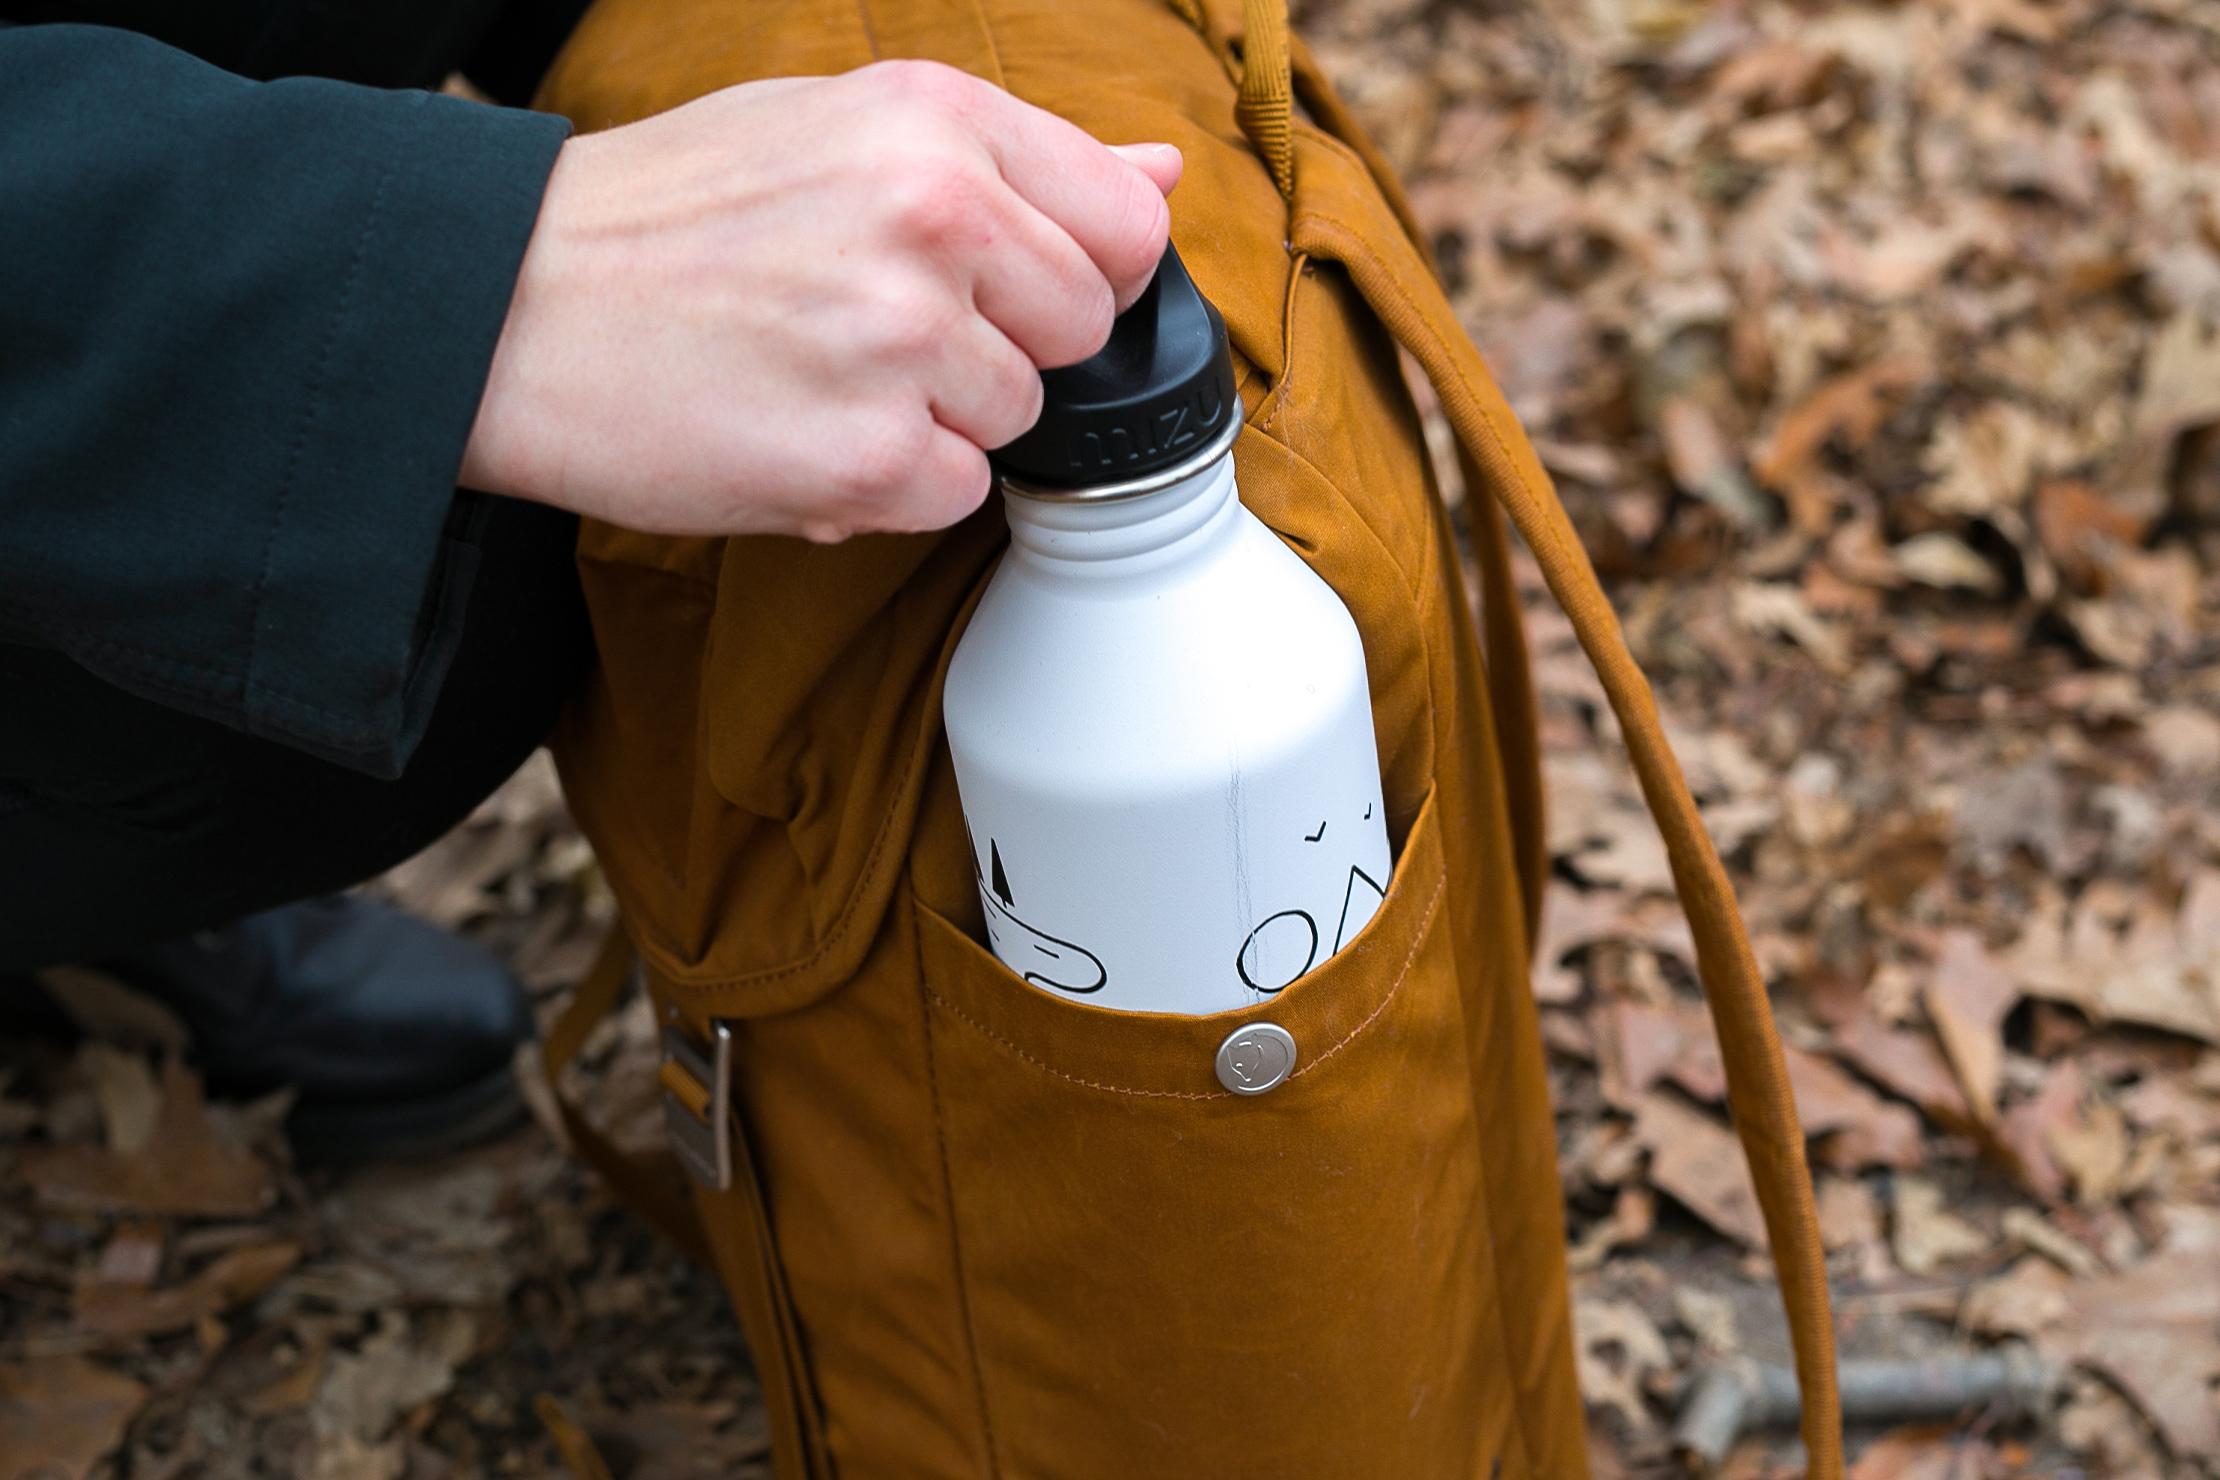 Fjallraven Greenland Top Backpack | Water Bottle Pocket Showing Scratches on Bottle